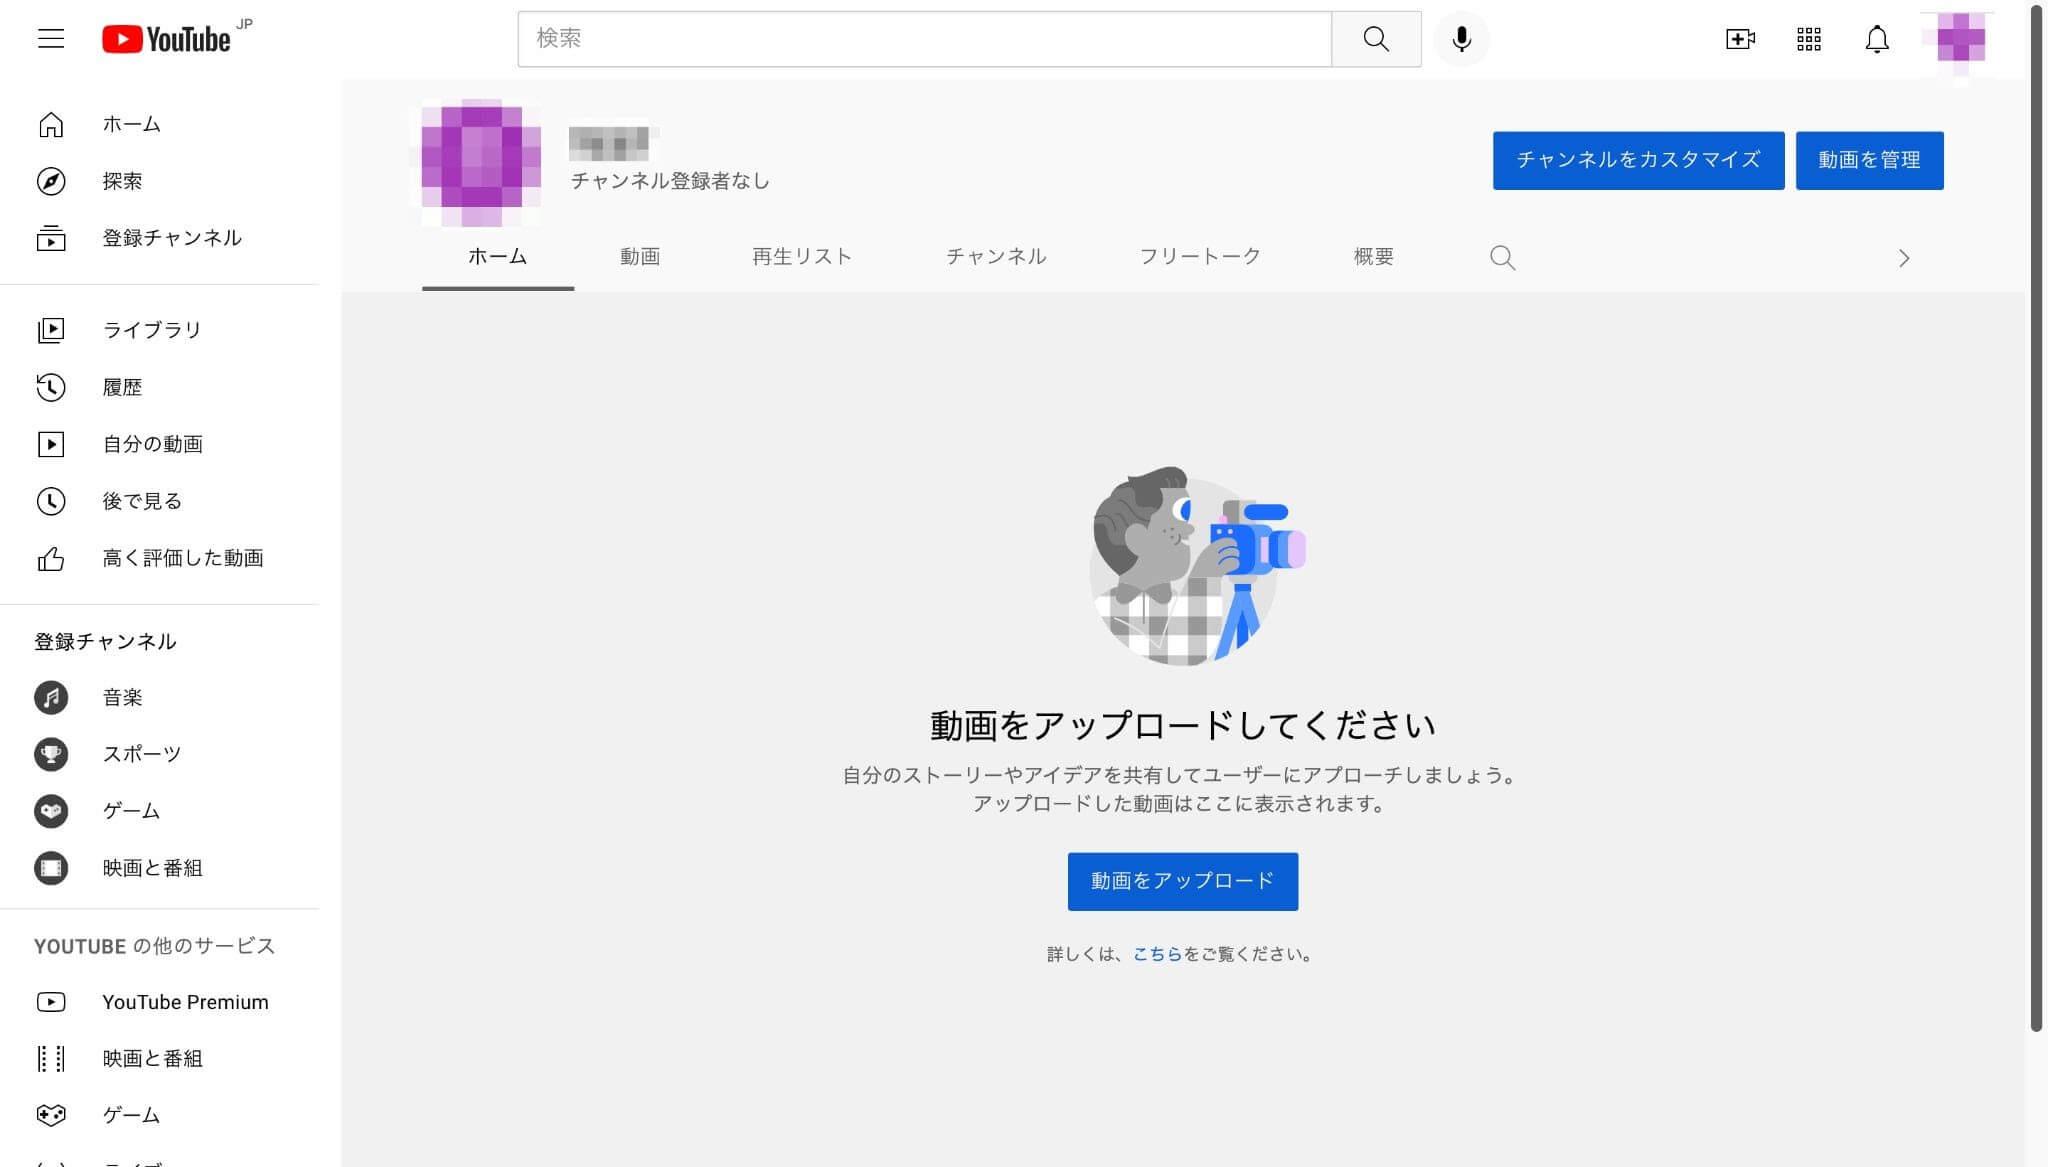 YouTubeチャンネルの開設